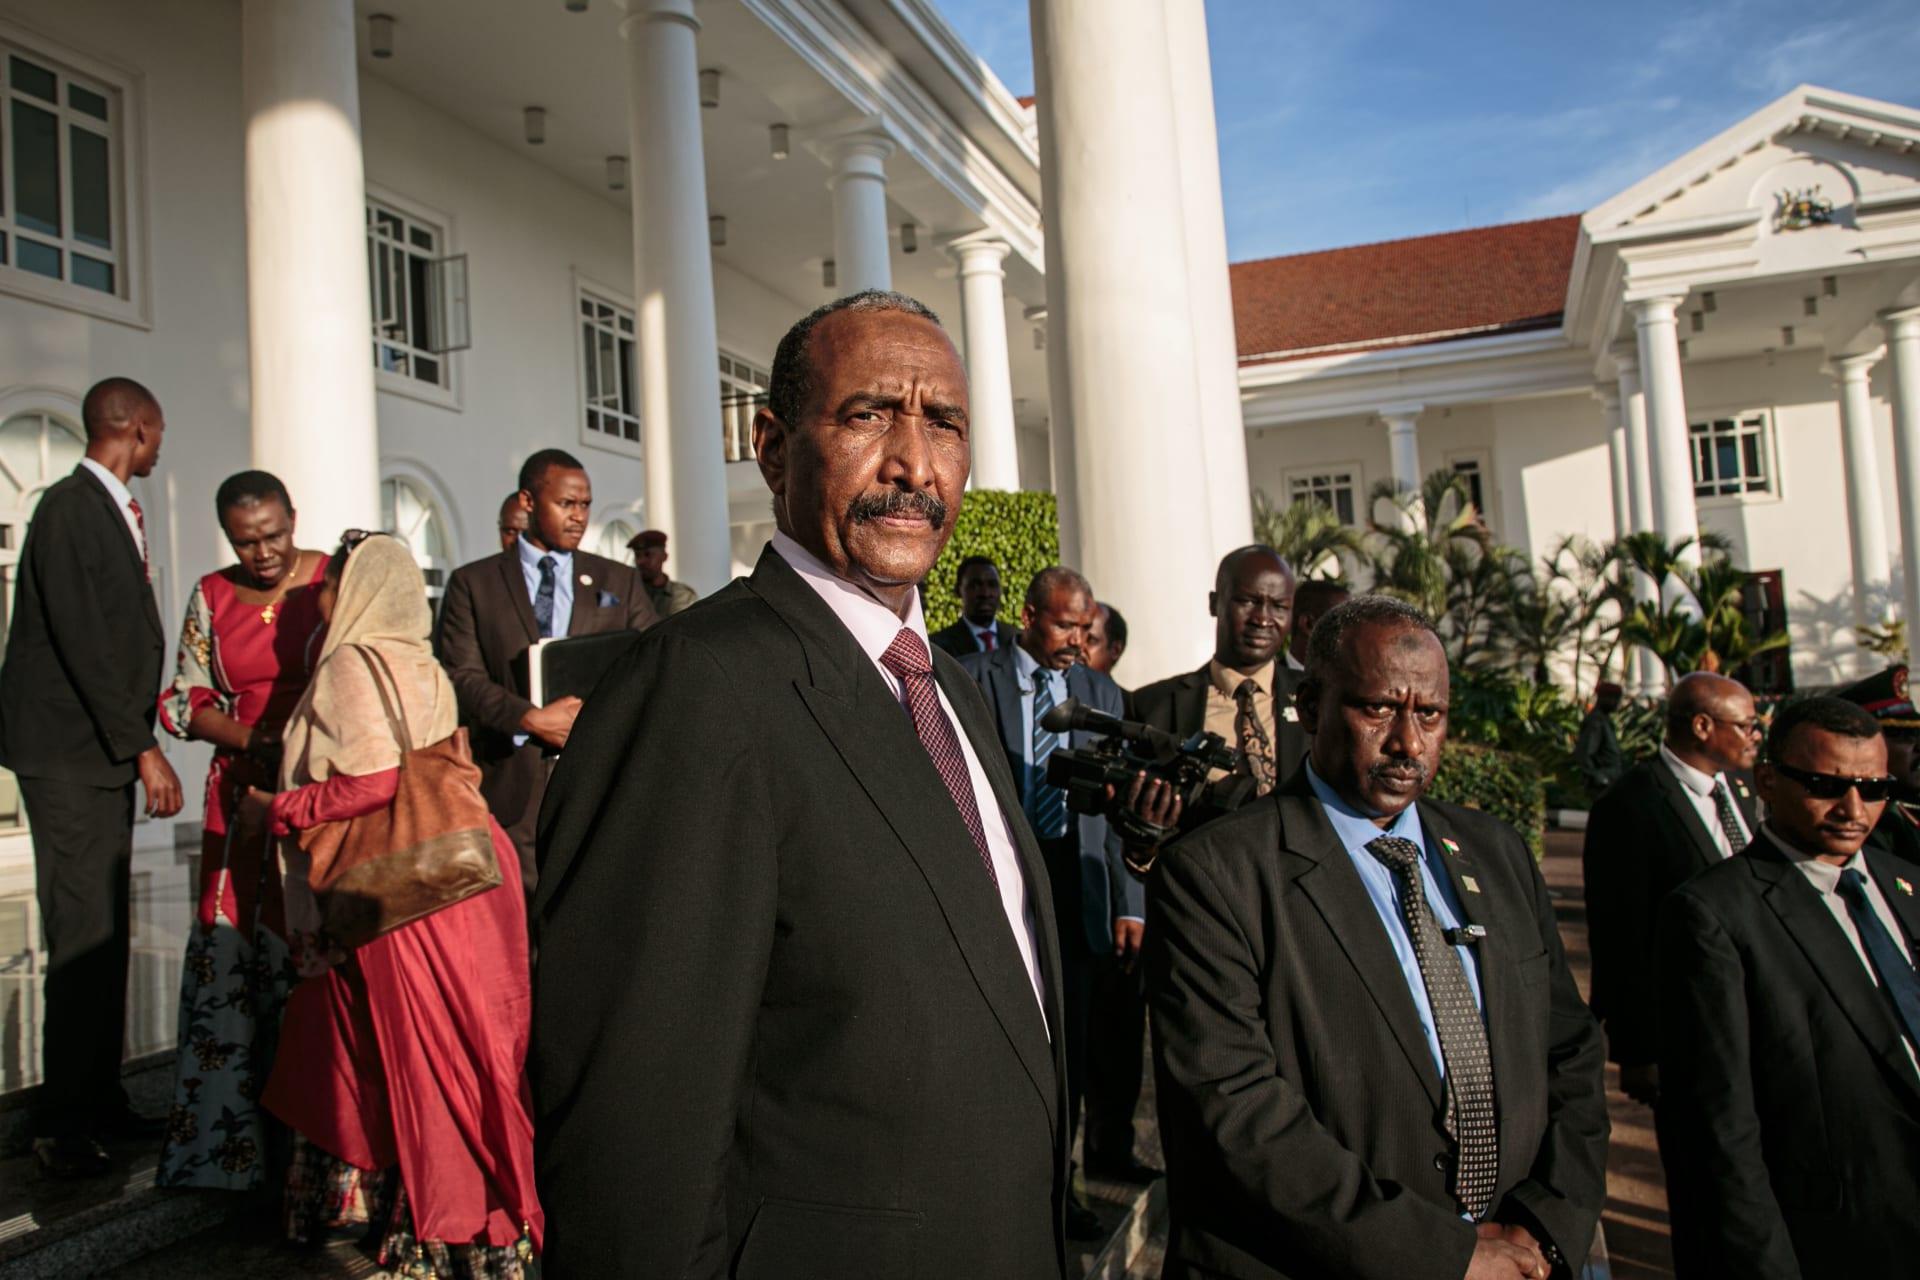 البرهان يوضح سبب لقائه نتنياهو: قمت بالخطوة لتحقيق مصالح الشعب السوداني